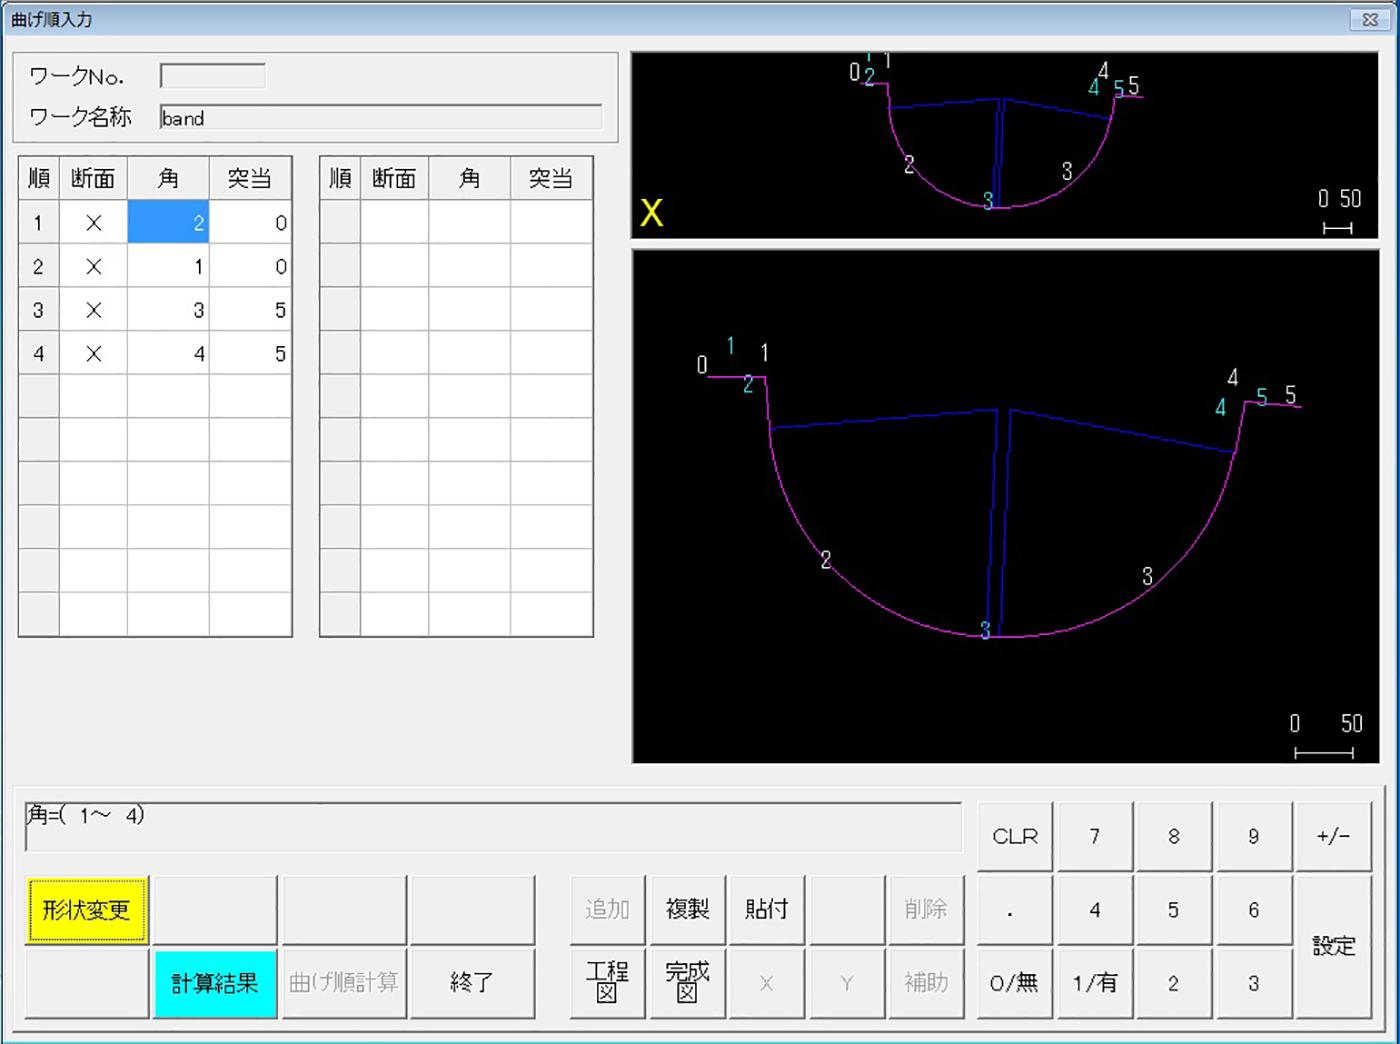 板金加工シミュレーションソフト01